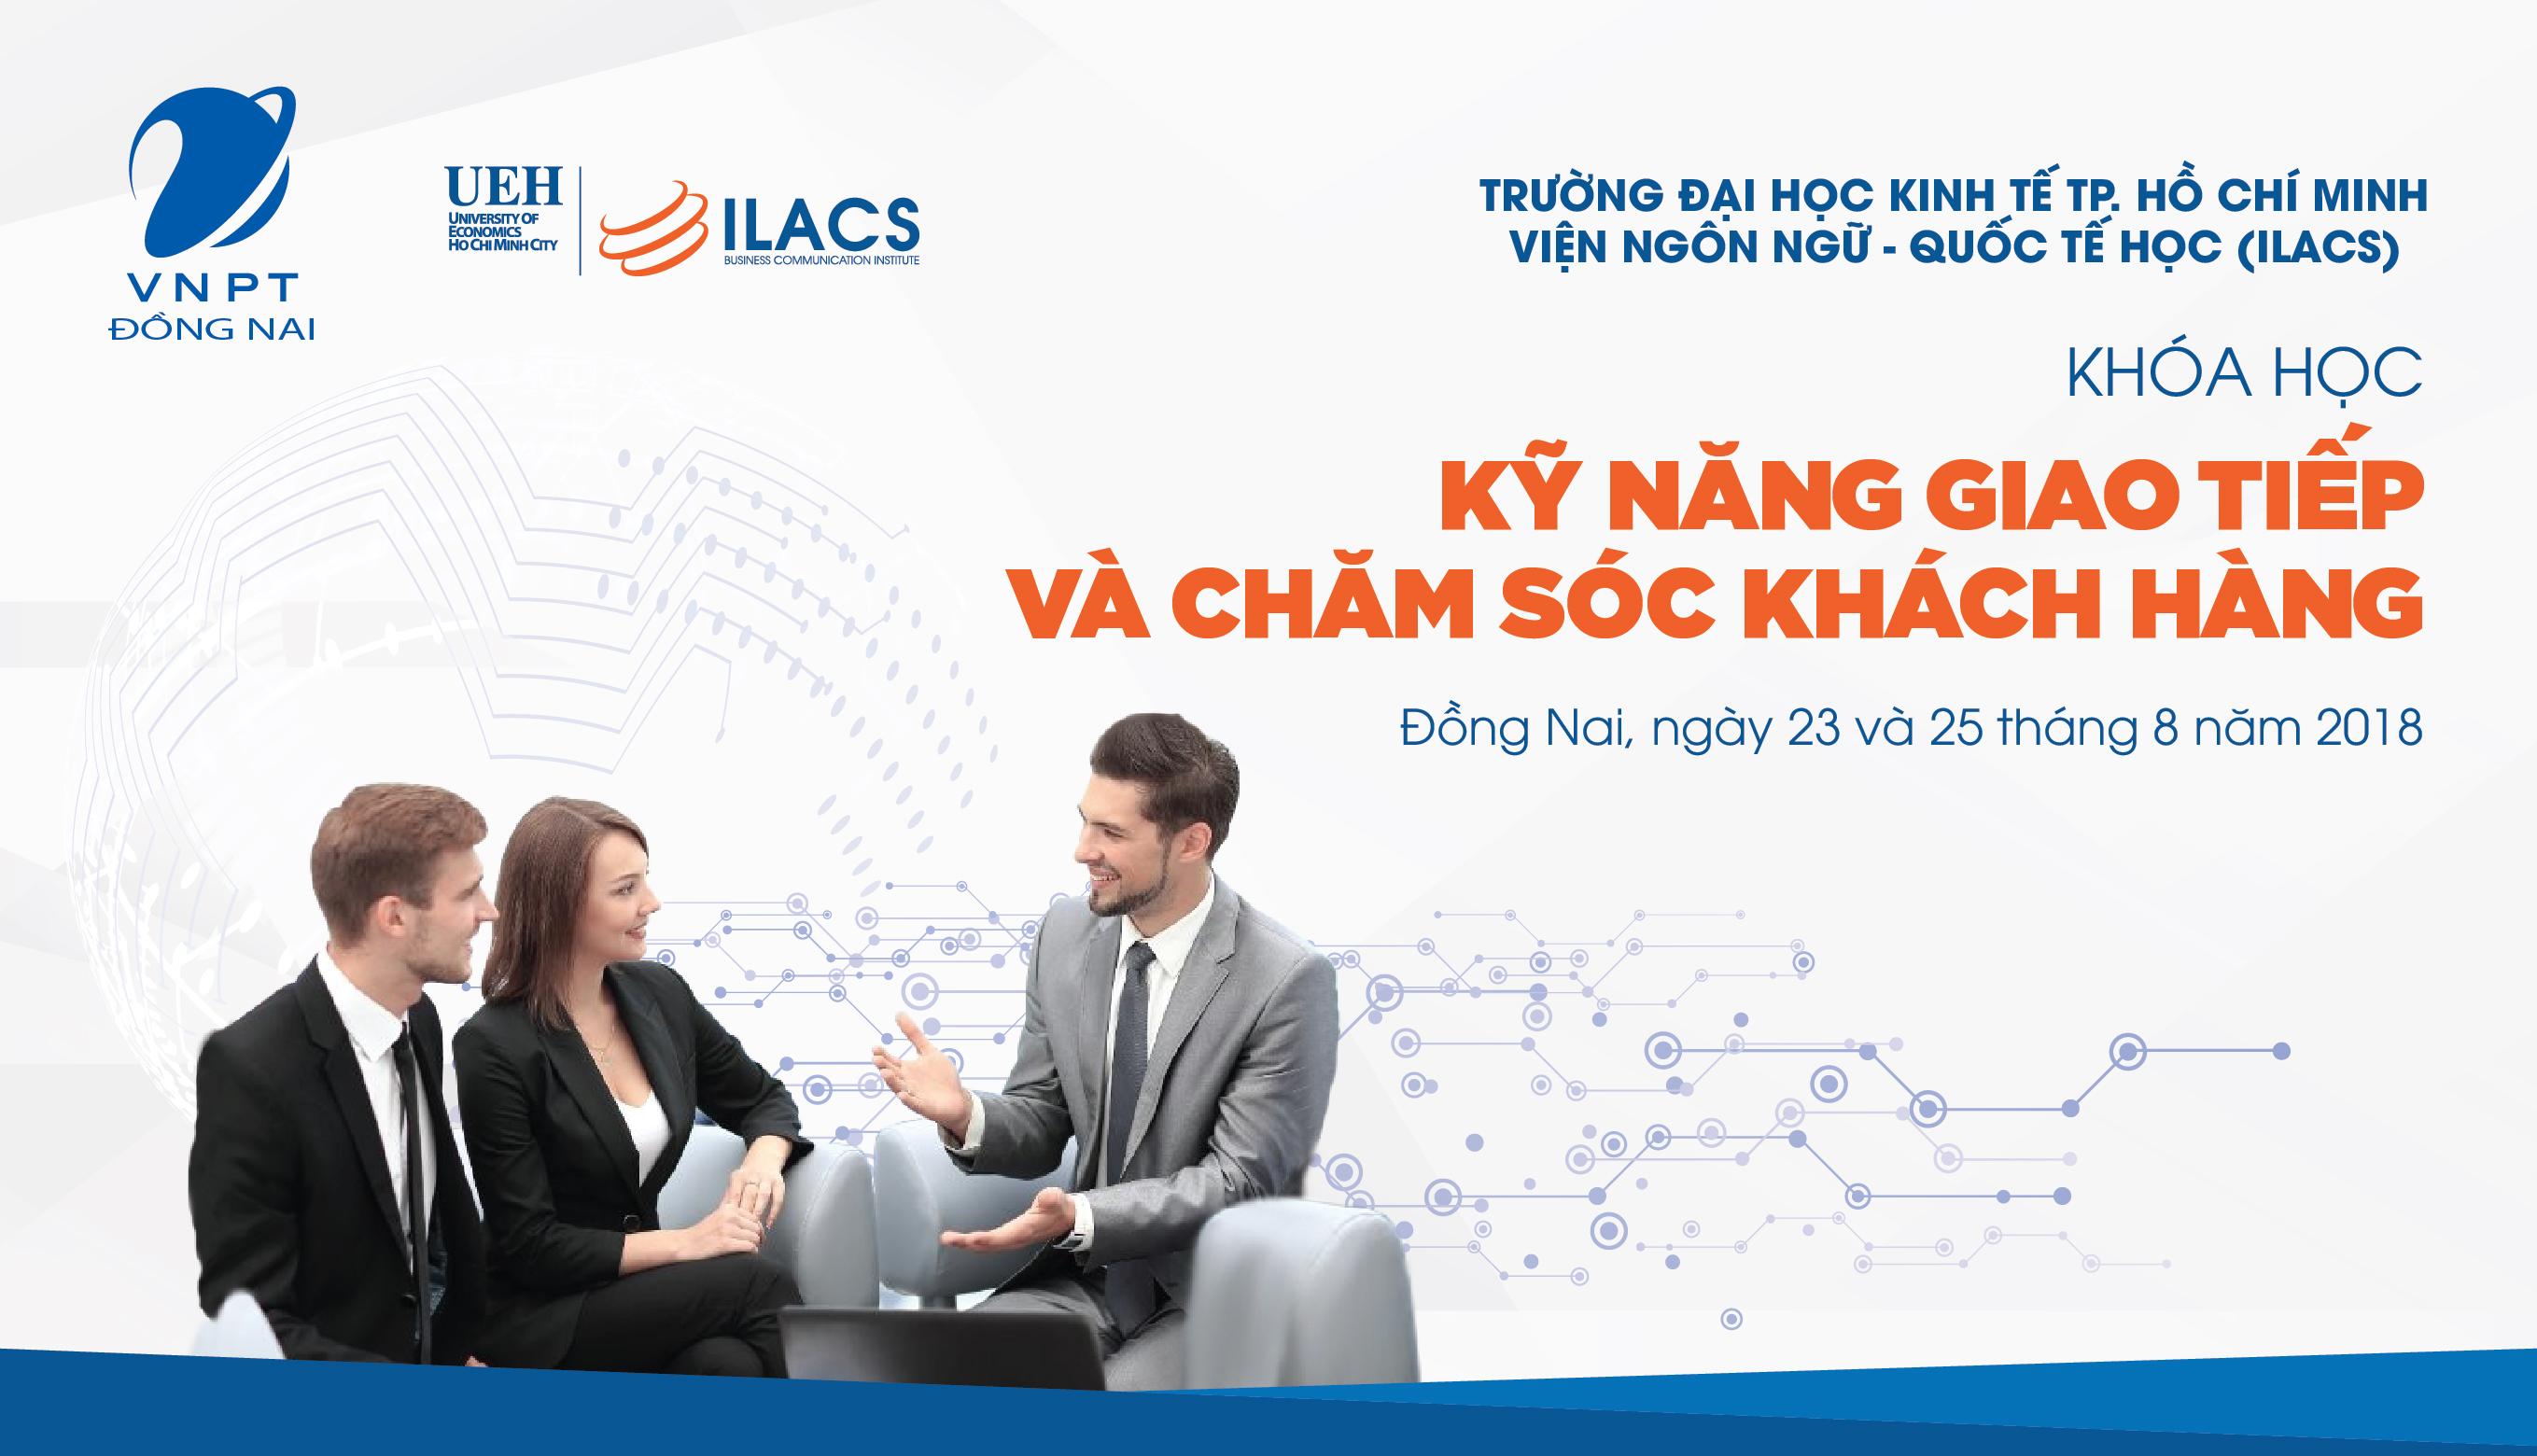 Khóa học Kỹ năng giao tiếp và chăm sóc khách hàng tại VNPT Đồng Nai